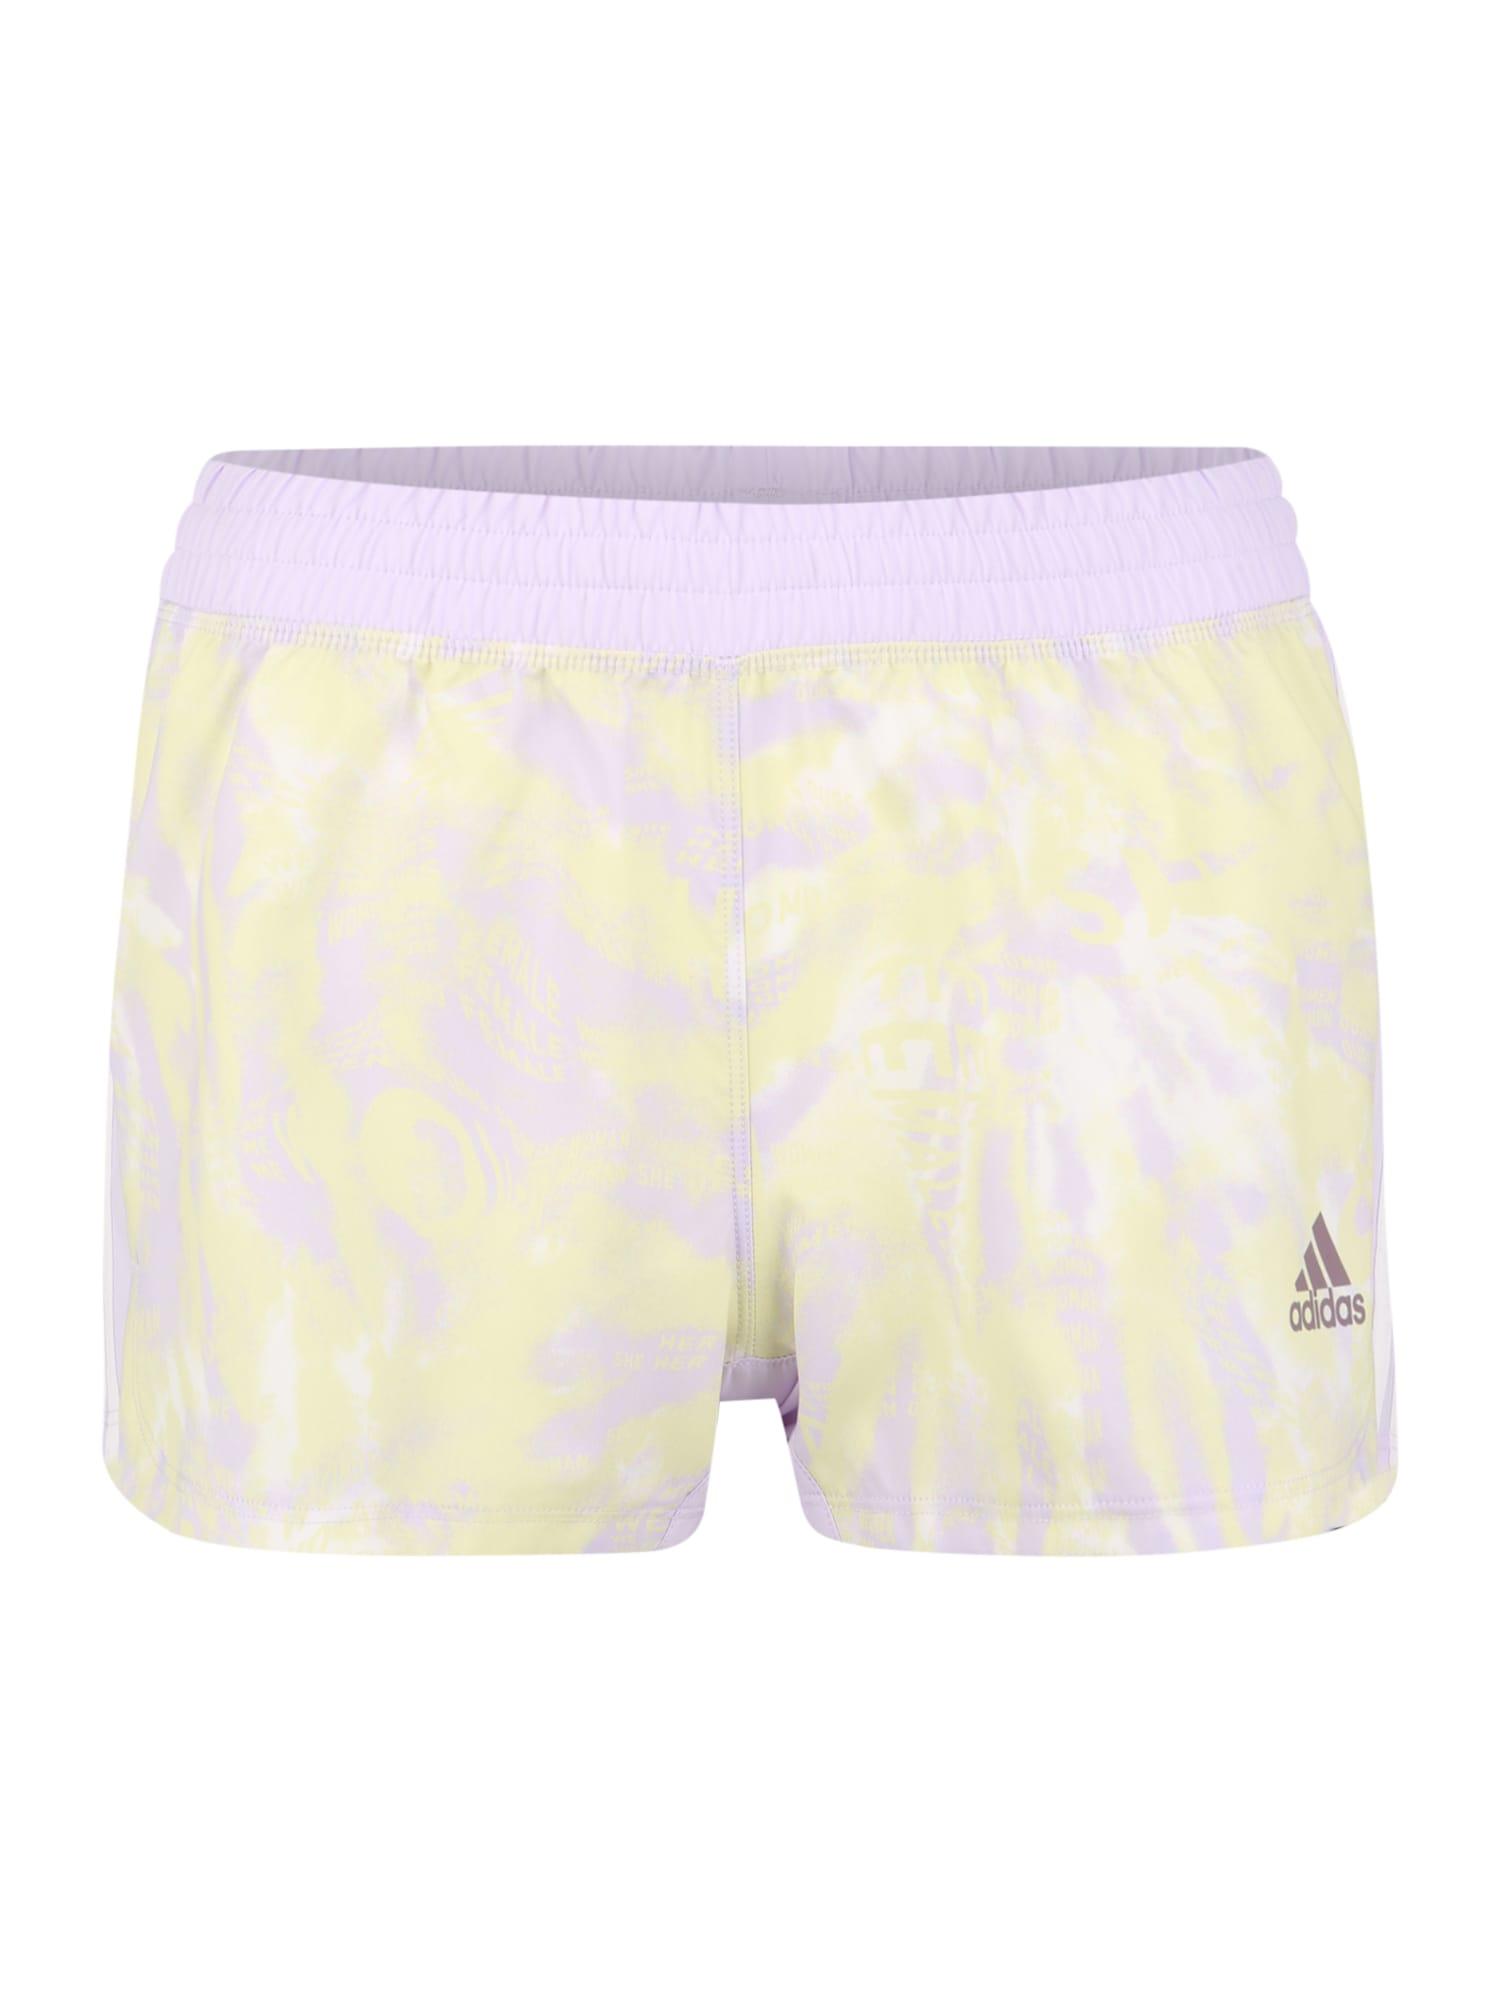 ADIDAS PERFORMANCE Sportinės kelnės pastelinė violetinė / pastelinė geltona / balta